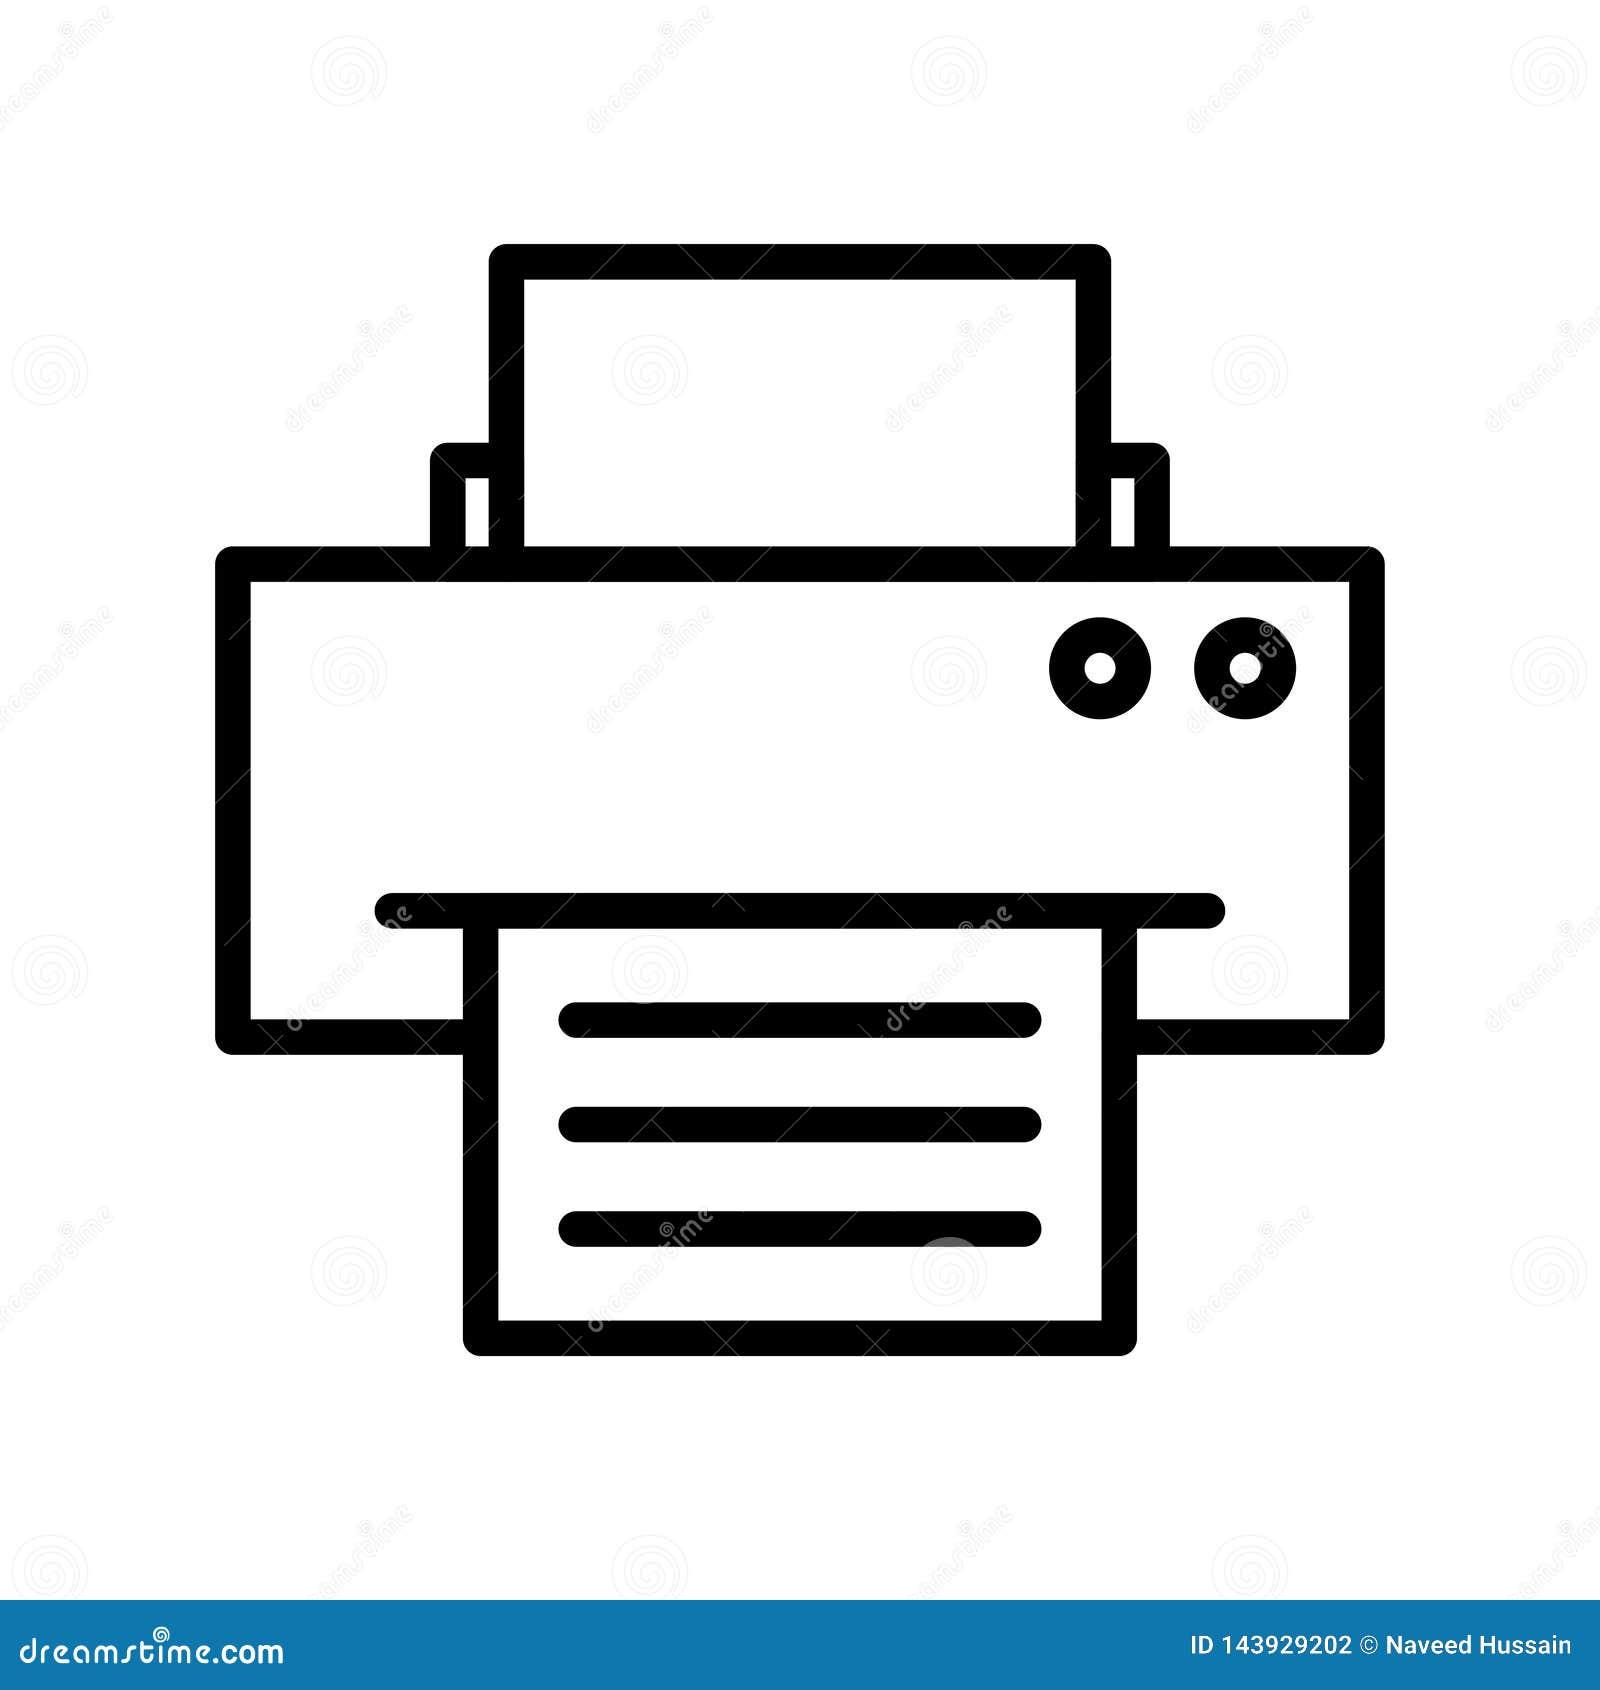 printer thin line vector icon stock vector illustration of graphic icon 143929202 dreamstime com